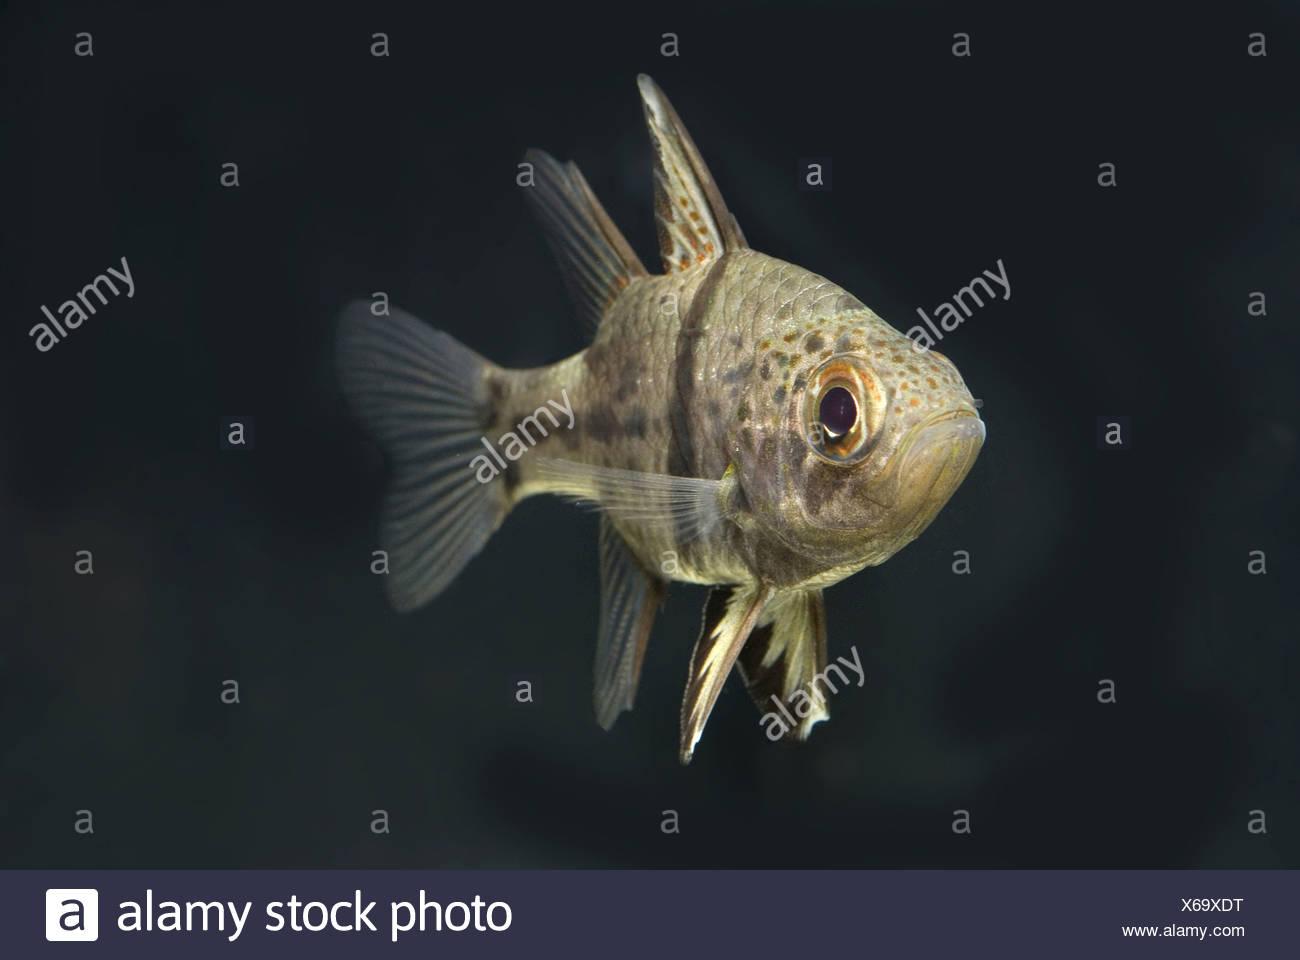 orbiculate cardinalfish, sphaeramia orbicularis - Stock Image